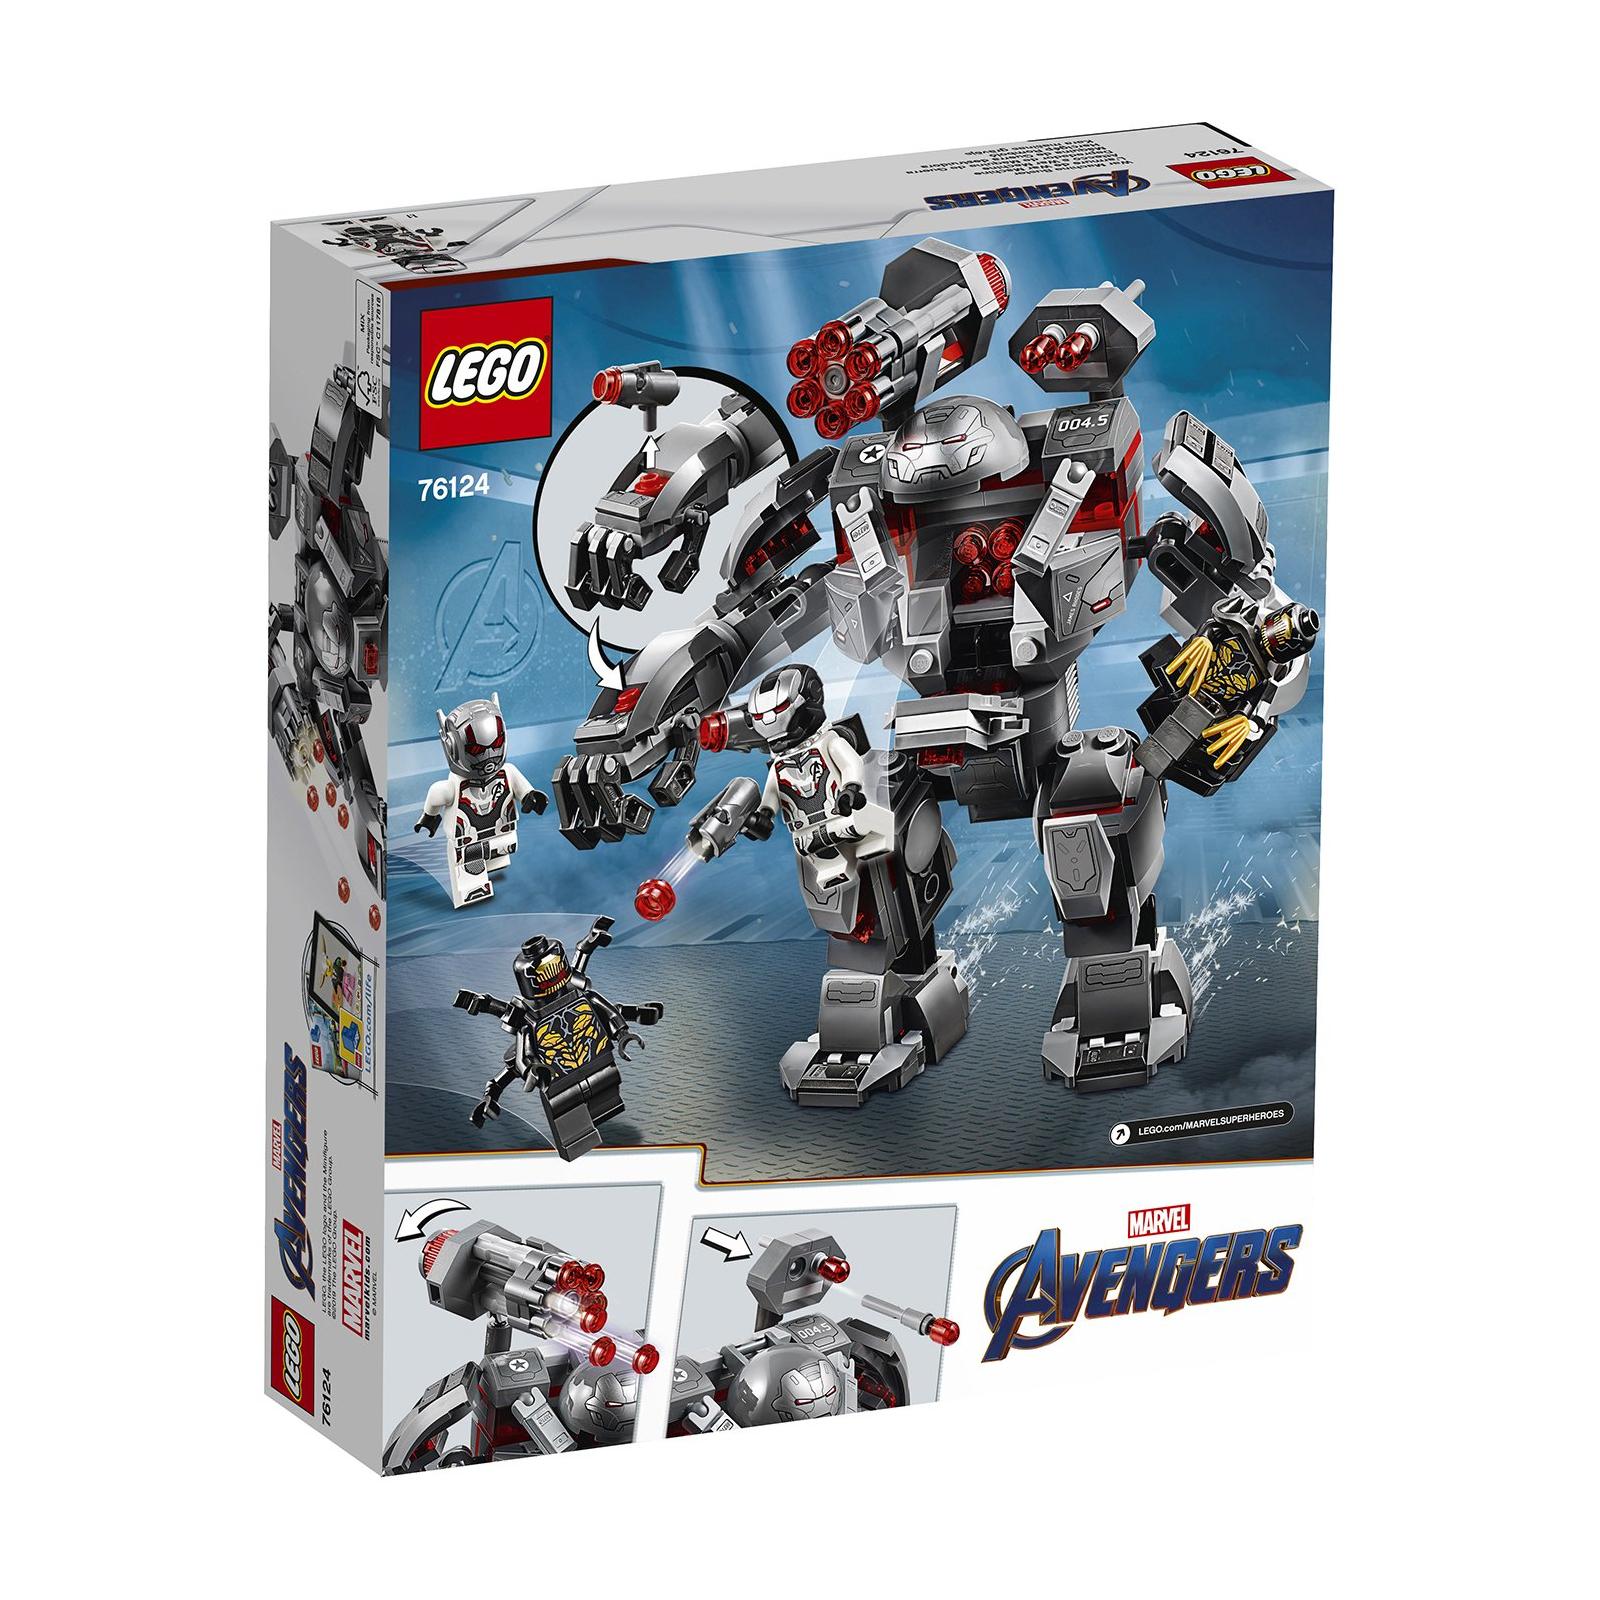 Конструктор LEGO Super Heroes Marvel Comics Воитель 362 детали (76124) изображение 9